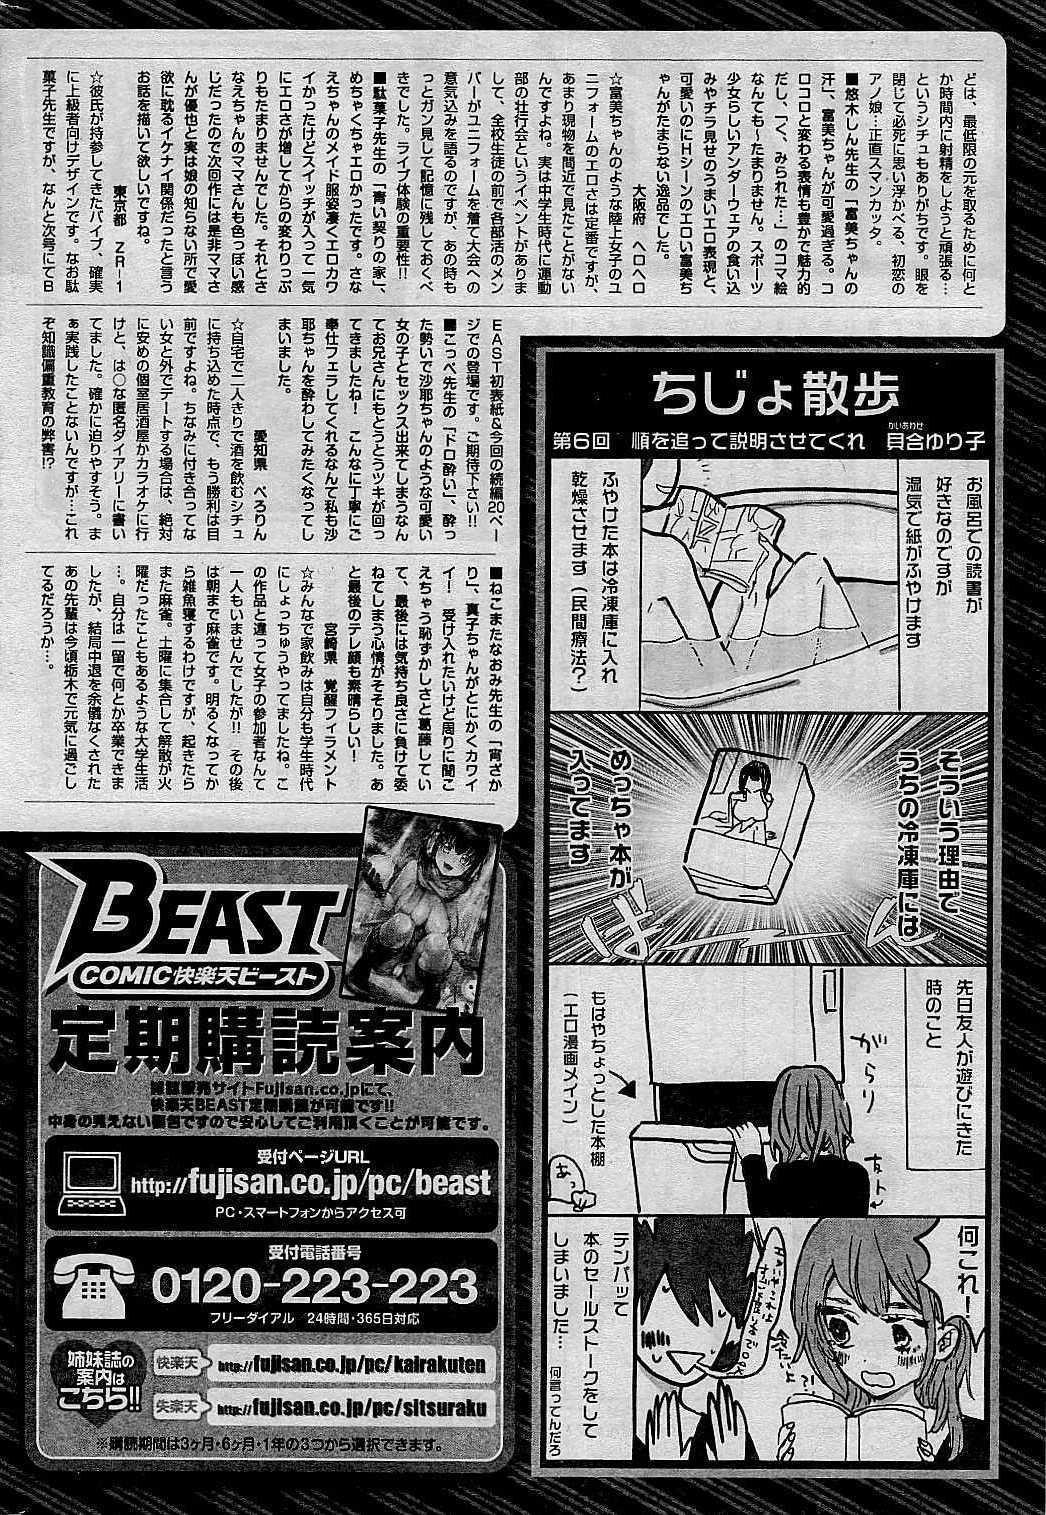 COMIC Kairakuten BEAST 2015-01 289